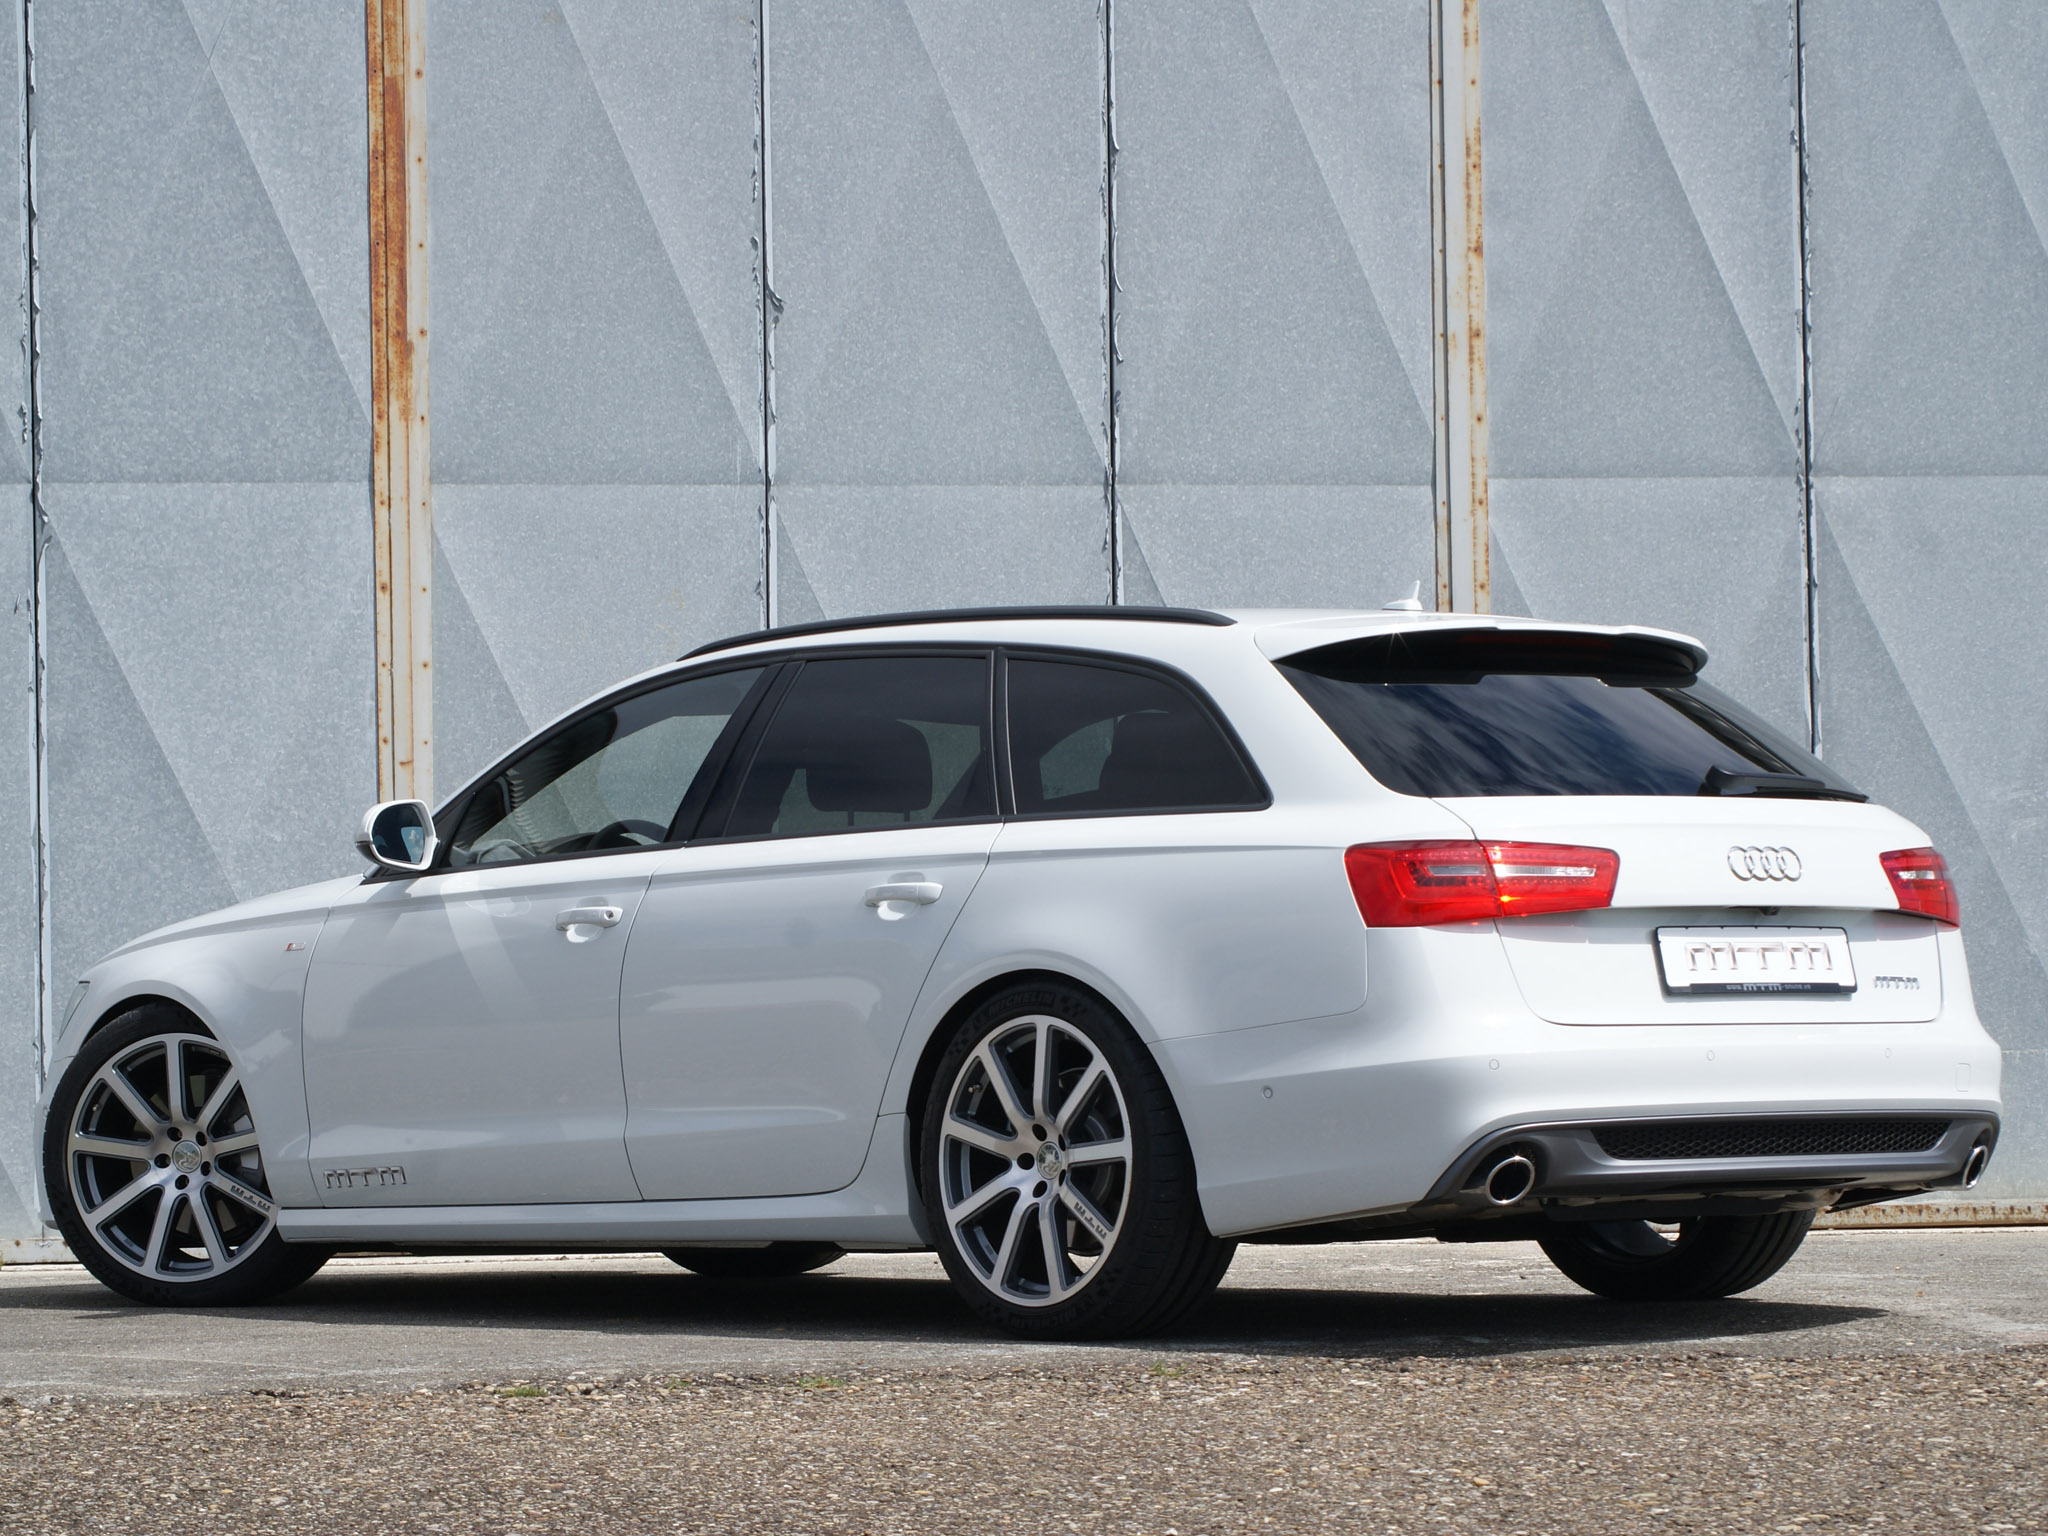 2012 MTM - Audi A6 3.0 TDI S-Line Avant